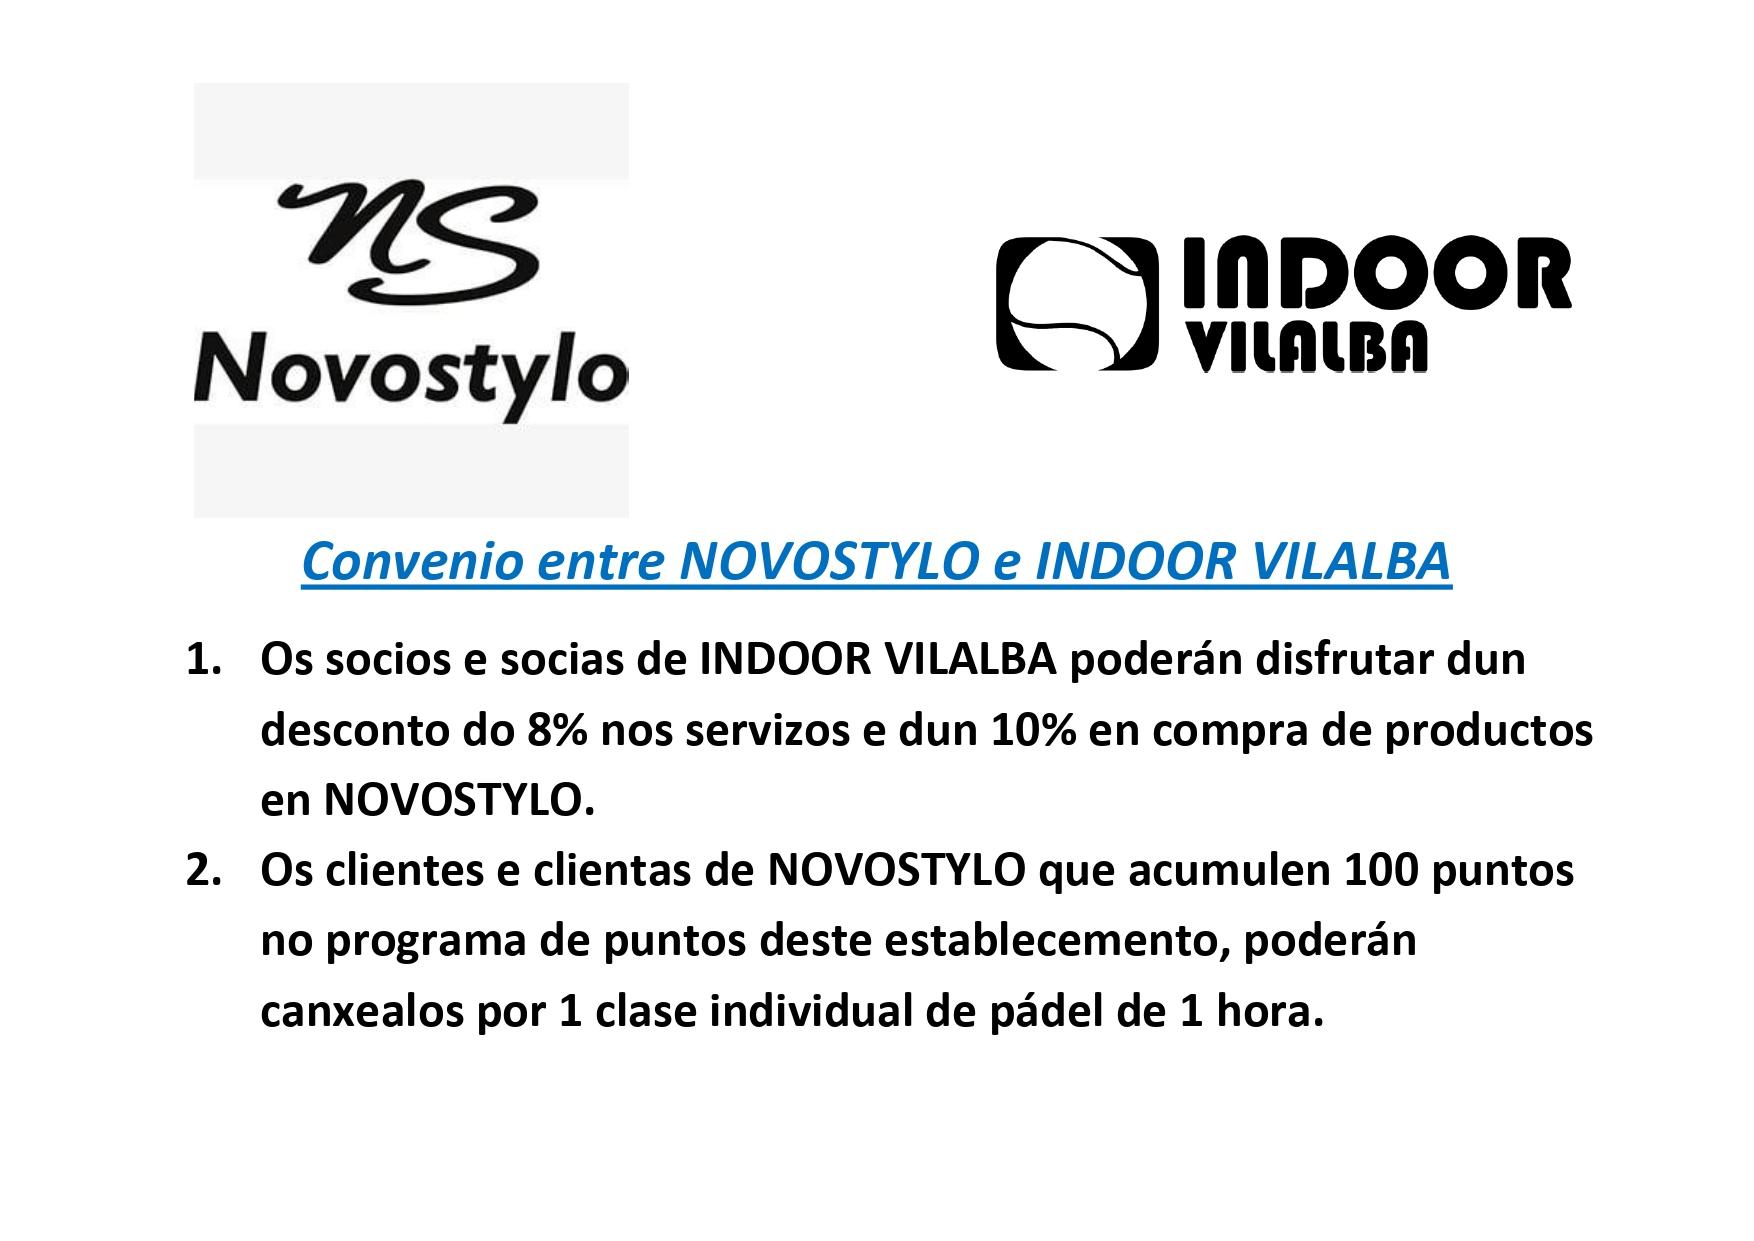 Convenio entre novostylo e indoor vilalba page 0001